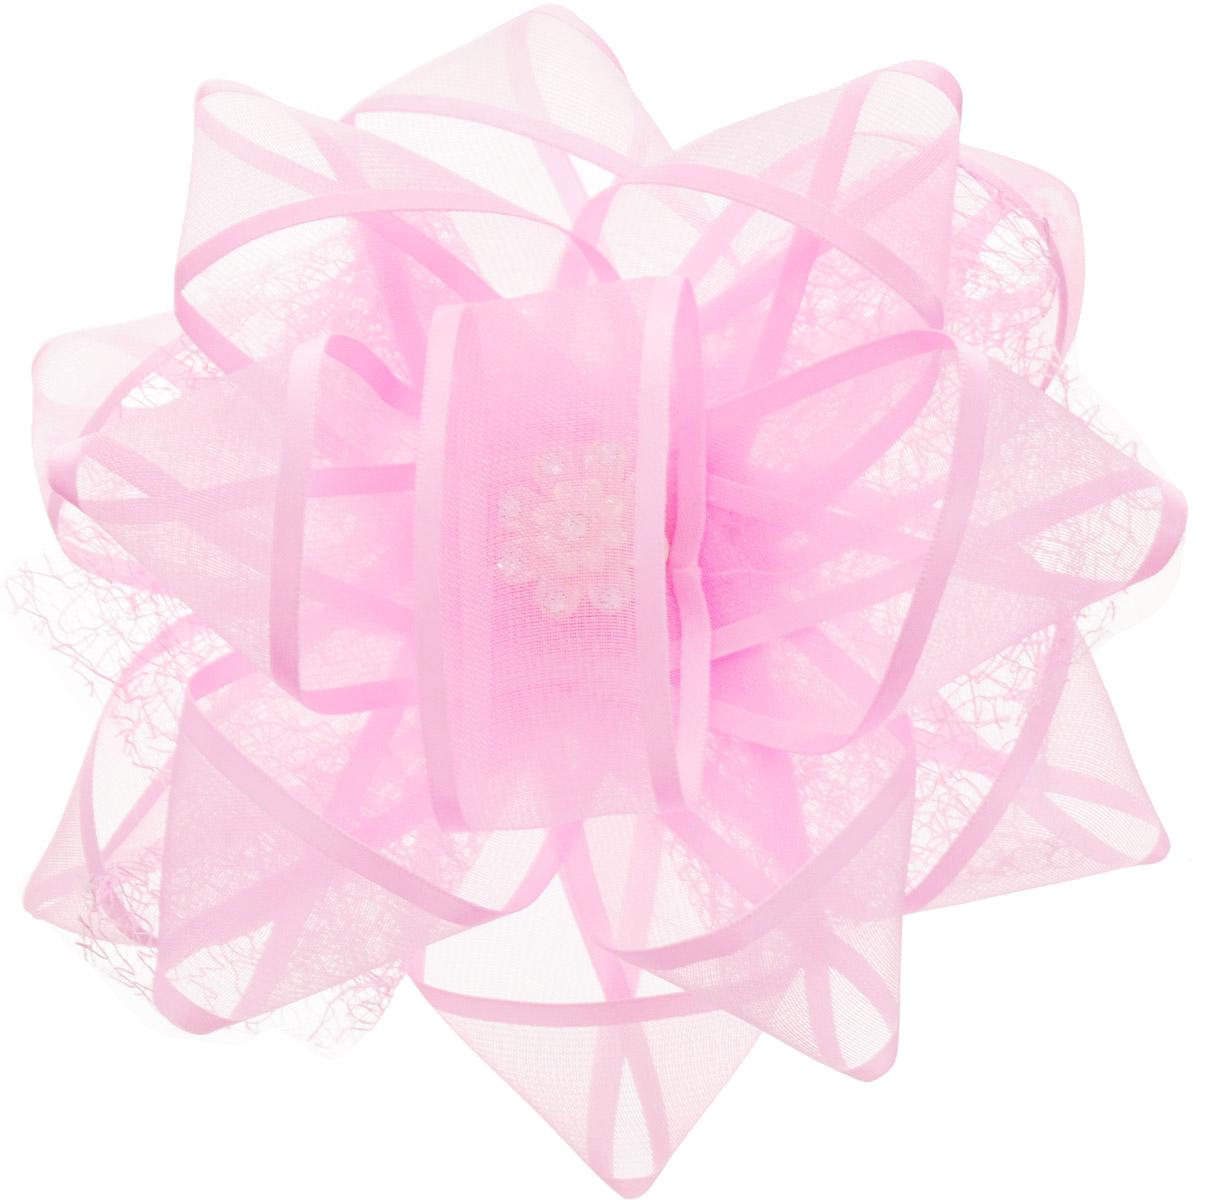 Babys Joy Бант для волос цвет розовый MN 203CDB 452Бант для волос на резинке Babys Joy выполнен из капрона. Он декорирован пластиковой брошью со стразами.Бант на резинке позволит не только убрать непослушные волосы с лица, но и придать образу романтичности и очарования. Такая резинка для волос подчеркнет уникальность вашей маленькой модницы и станет прекрасным дополнением к ее неповторимому стилю.